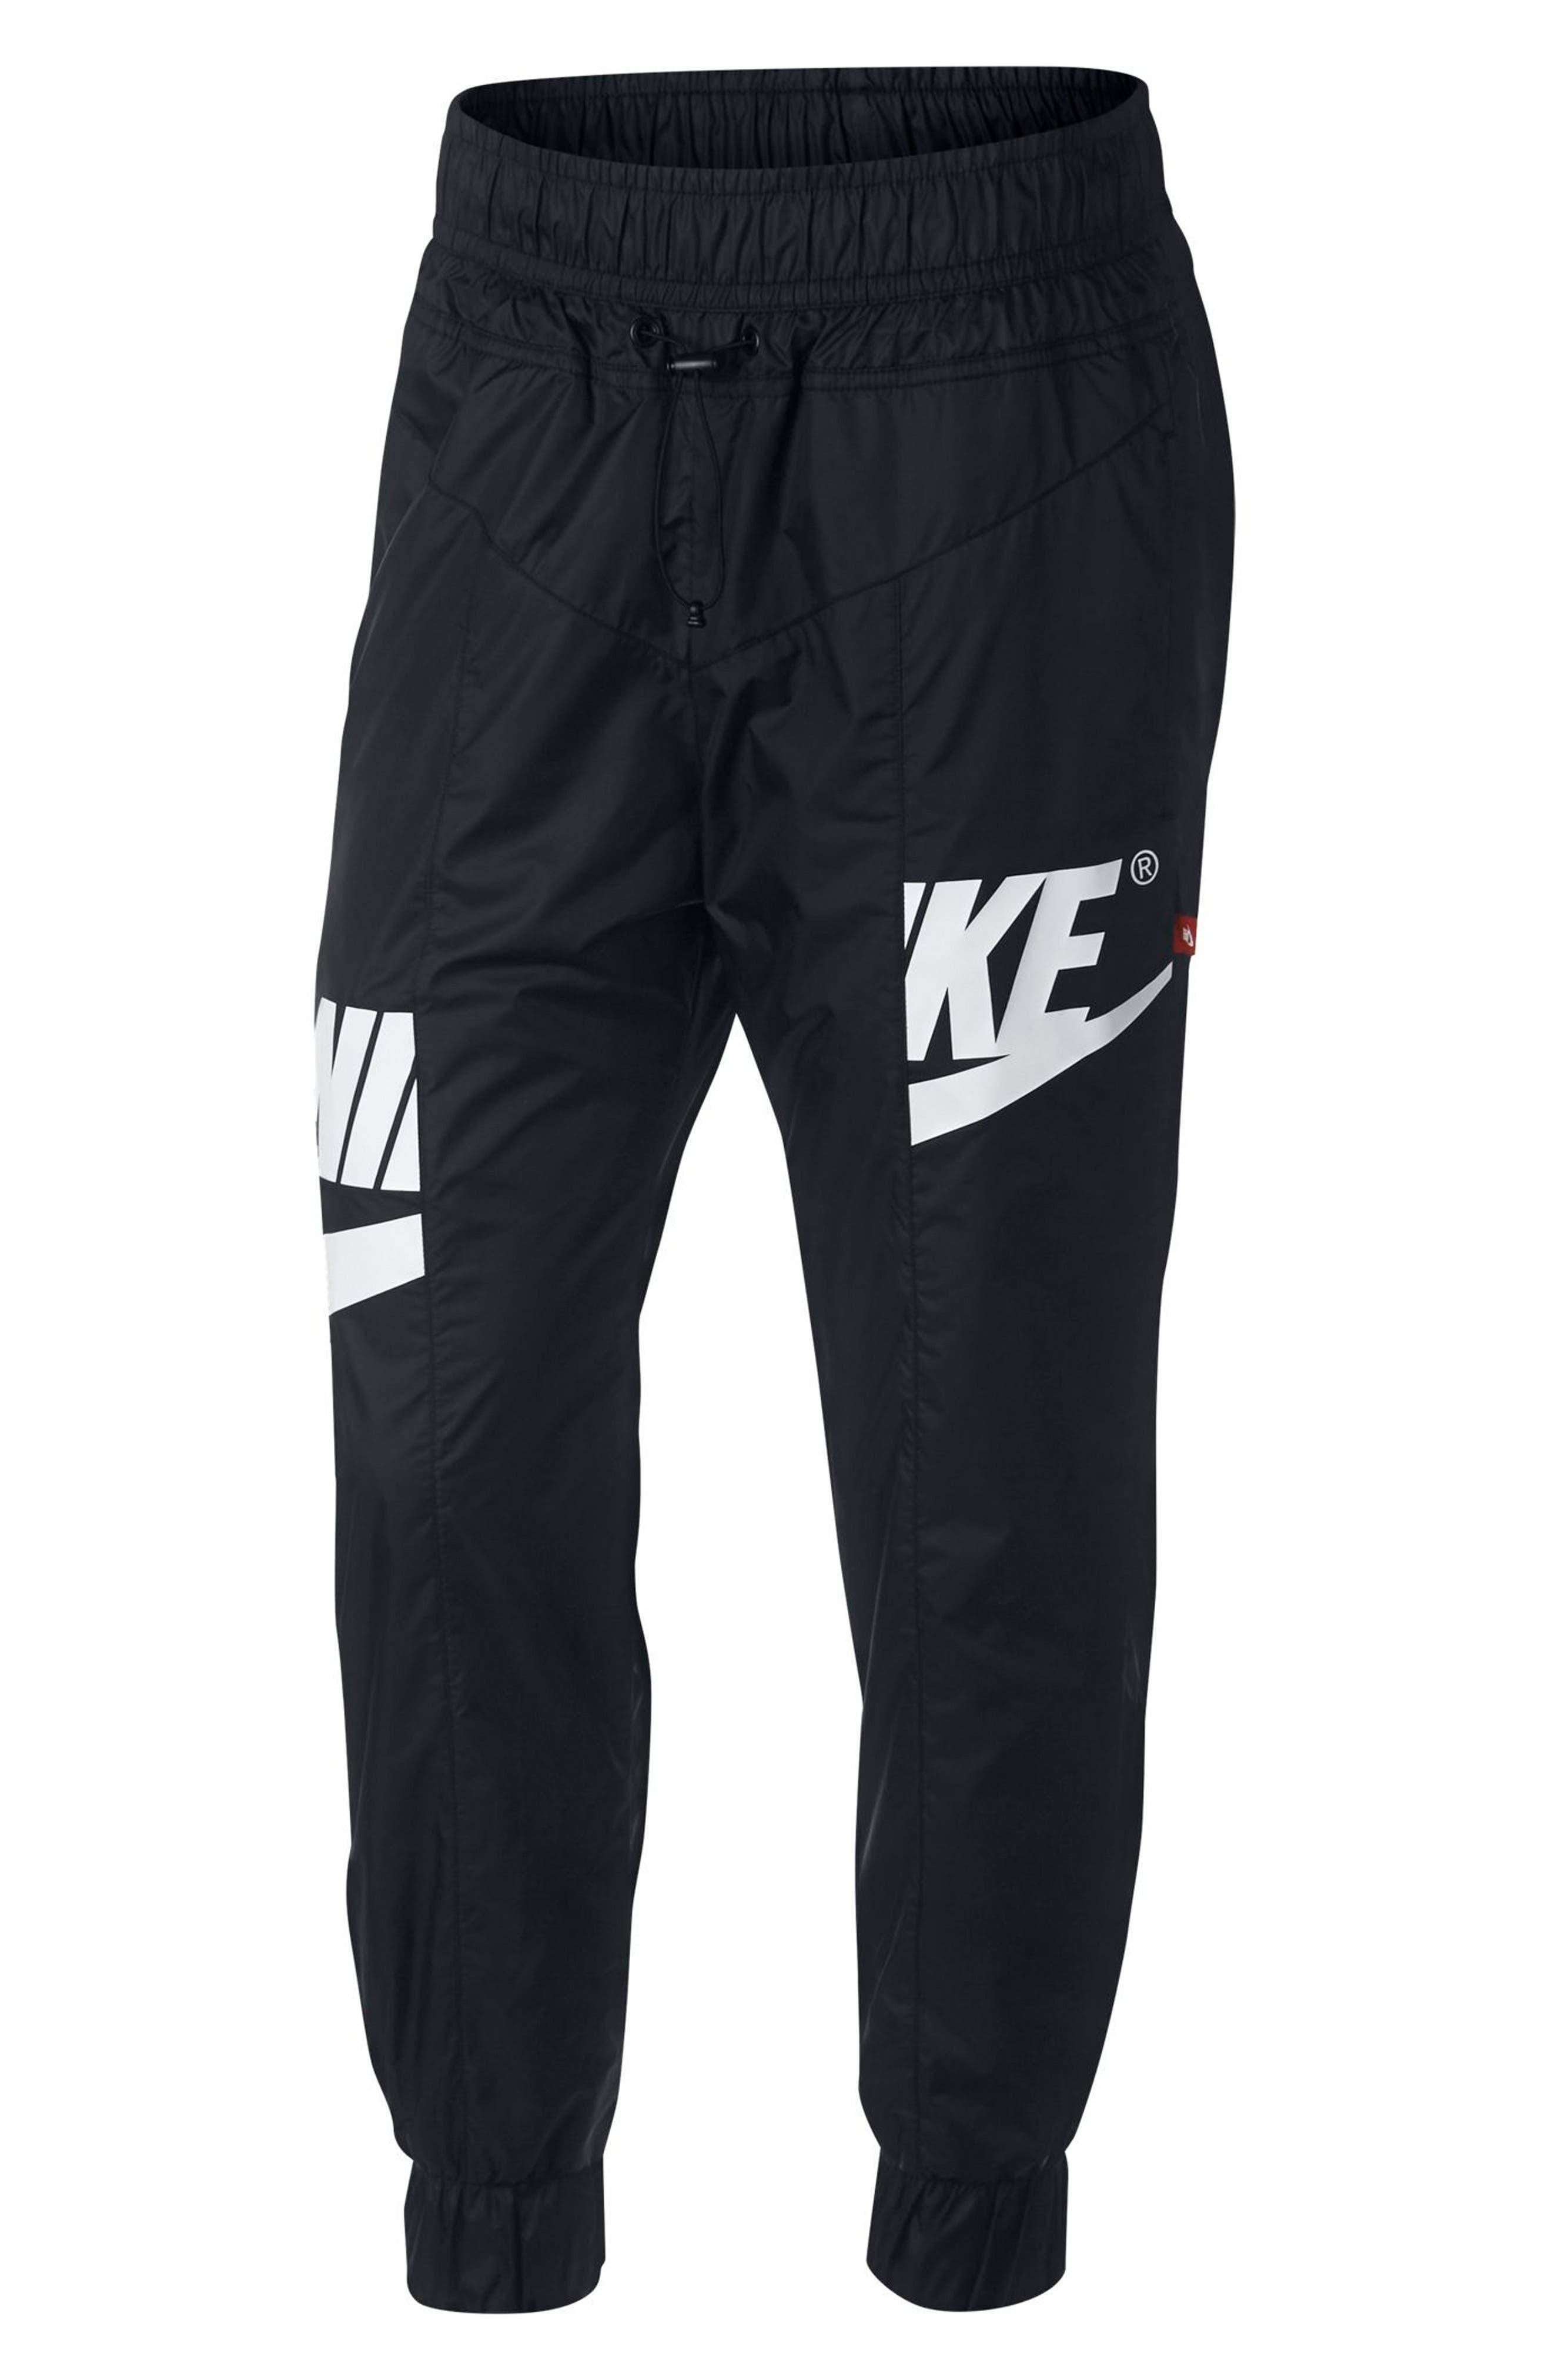 Sportswear Windrunner Women's Pants,                             Main thumbnail 1, color,                             Black/ Black/ Obsidian/ White